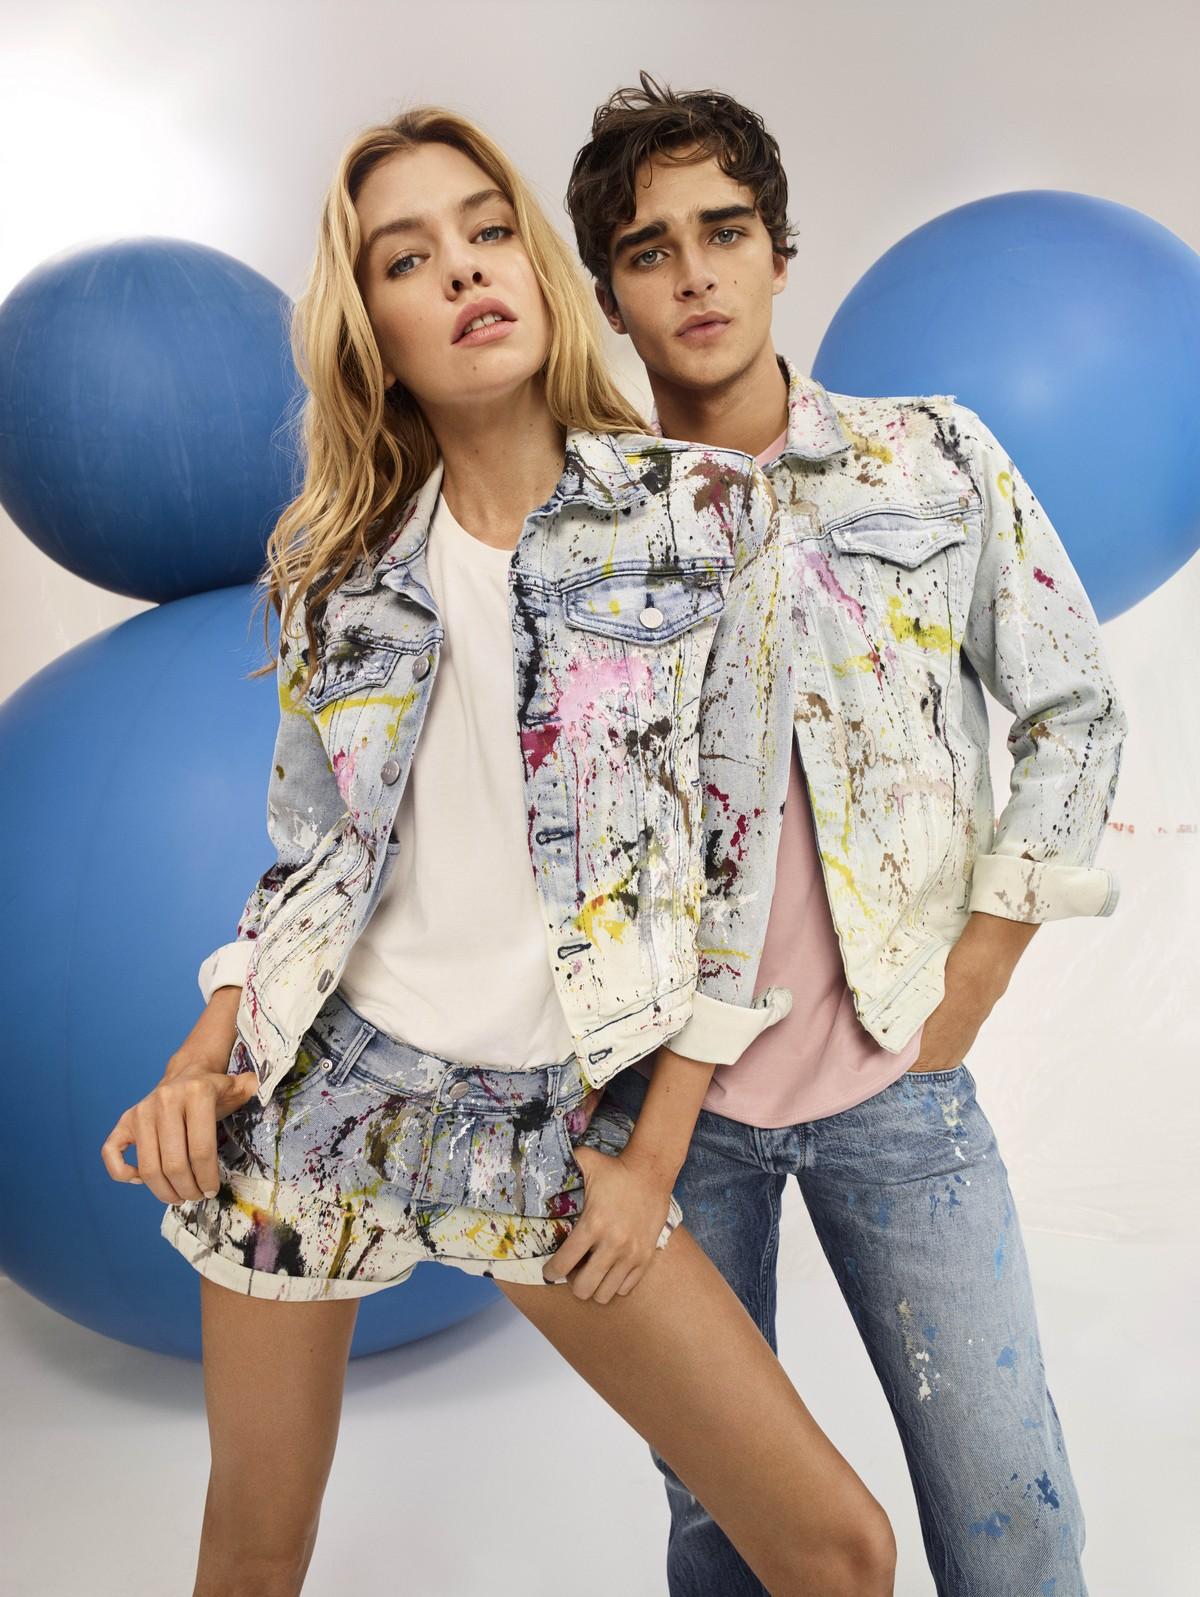 Pepe Jeans London presenta la campagna primavera estate 2018 con protagonisti Stella Maxwell e Pepe Barroso Silva